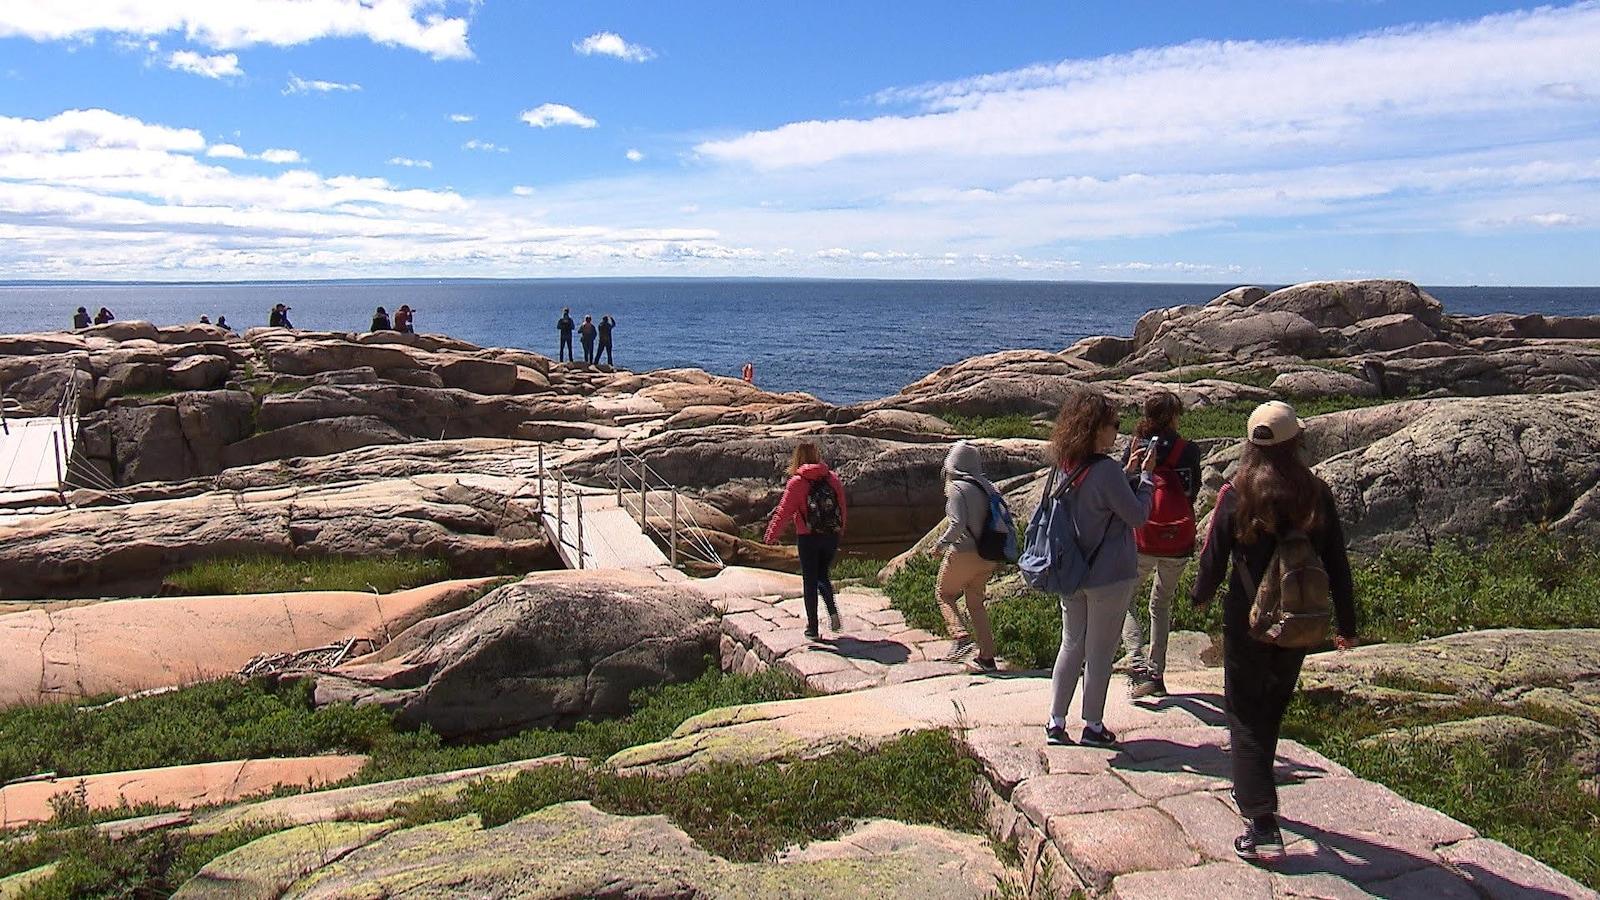 Des touristes s'approche du fleuve Saint-Laurent au Cap-de-Bon-désir à Grandes-Bergeronnes, l'endroit est privilégié pour l'observation des baleines